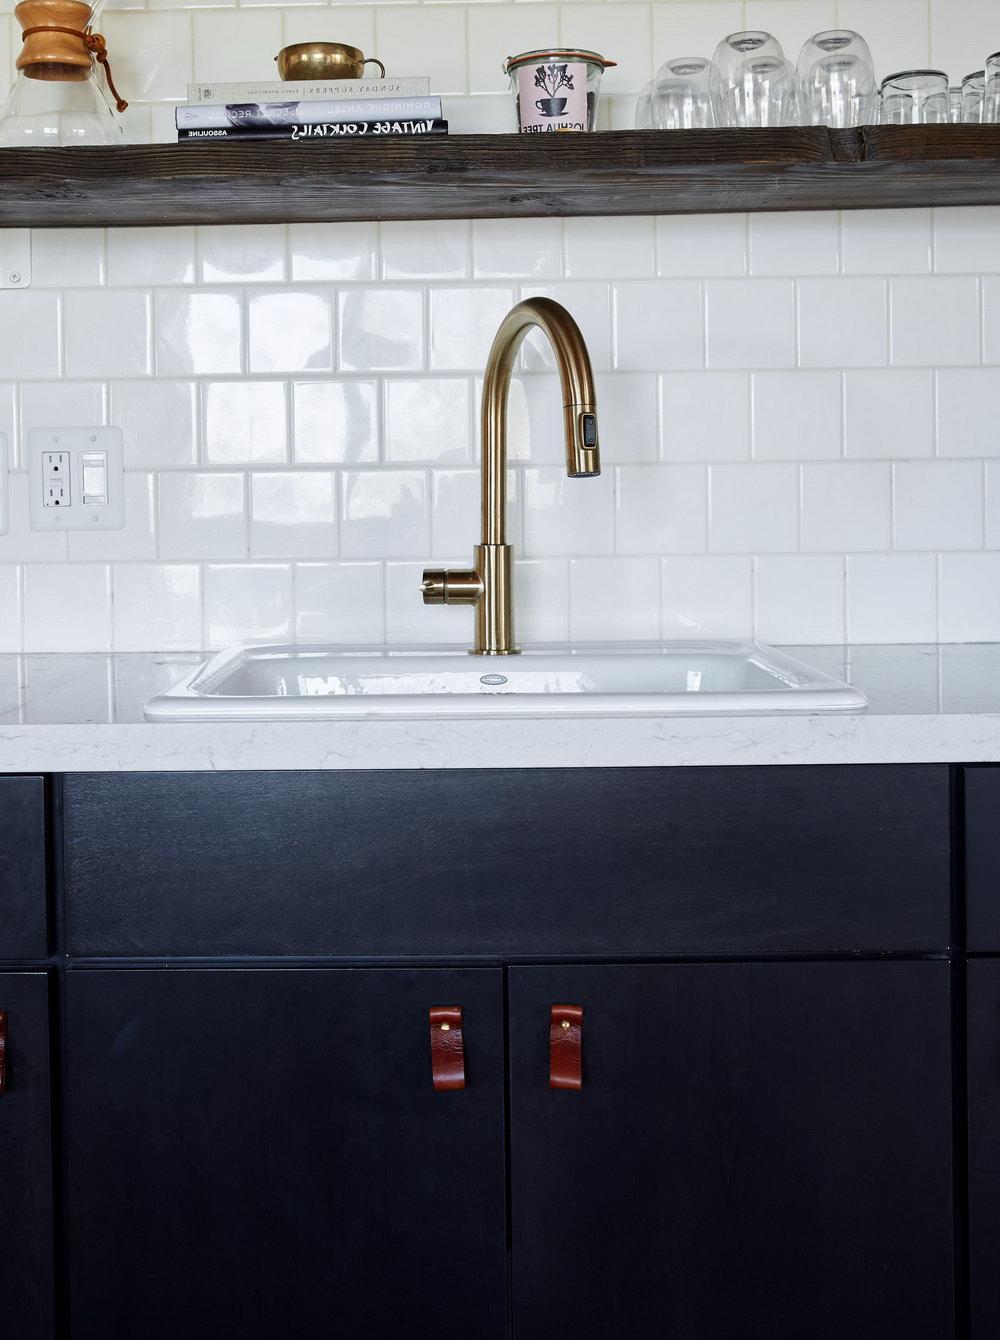 Sears Kitchen Cabinets Showroom